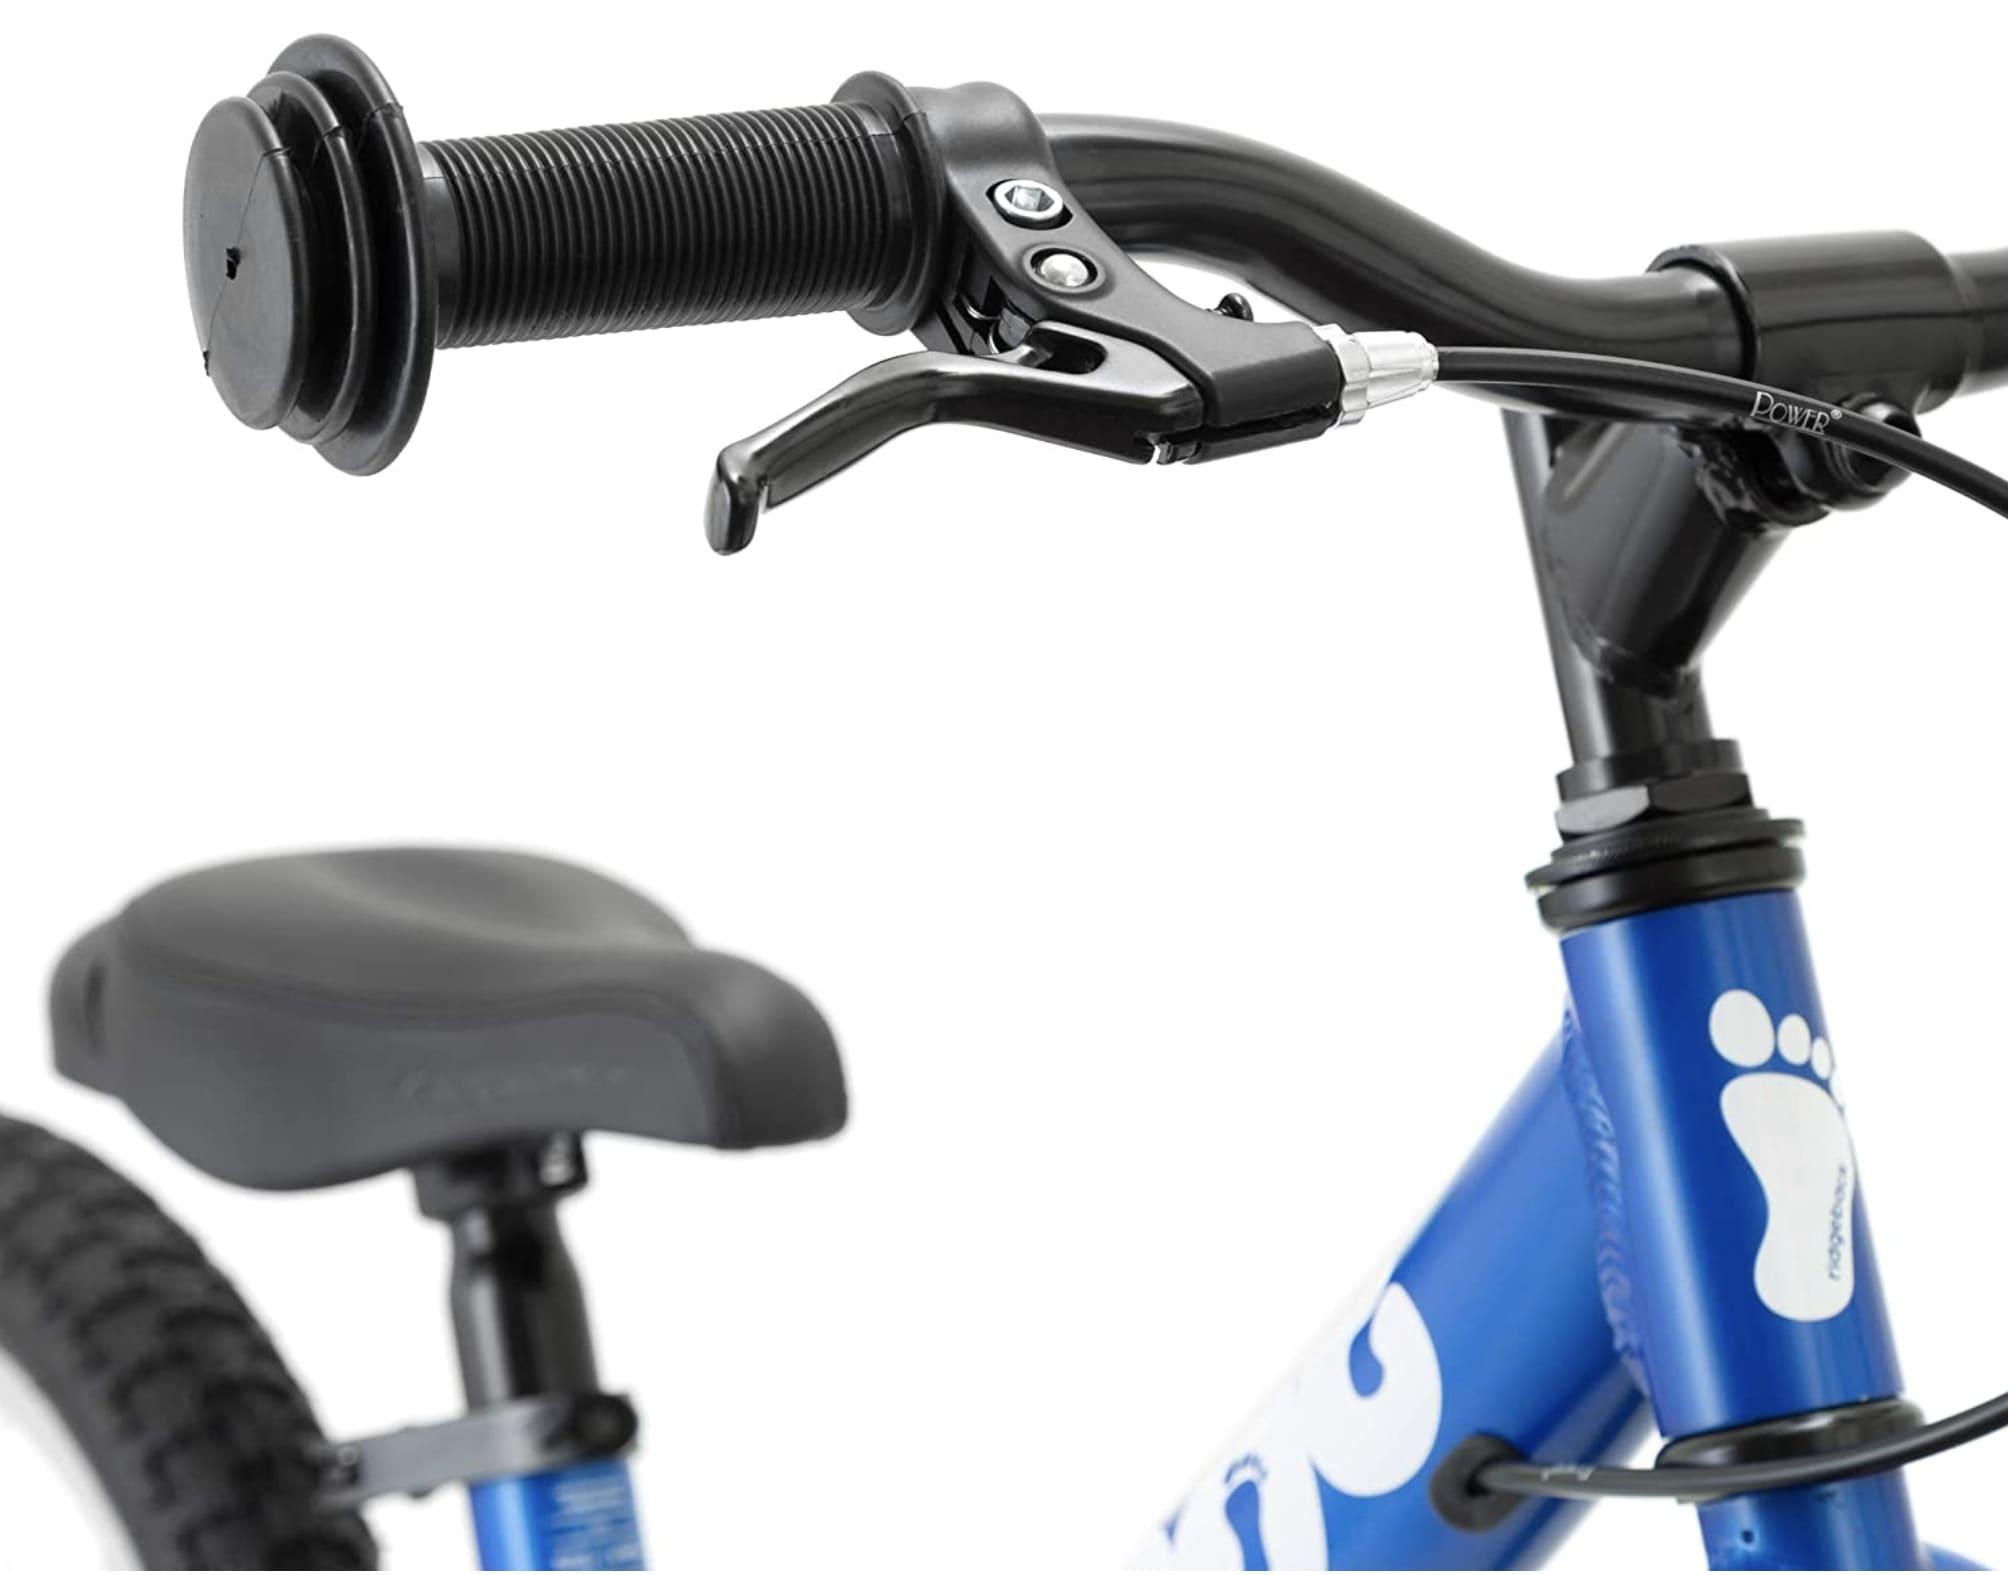 Freno de mano en la bicicleta sin pedales de Rigdeback Scoot XL